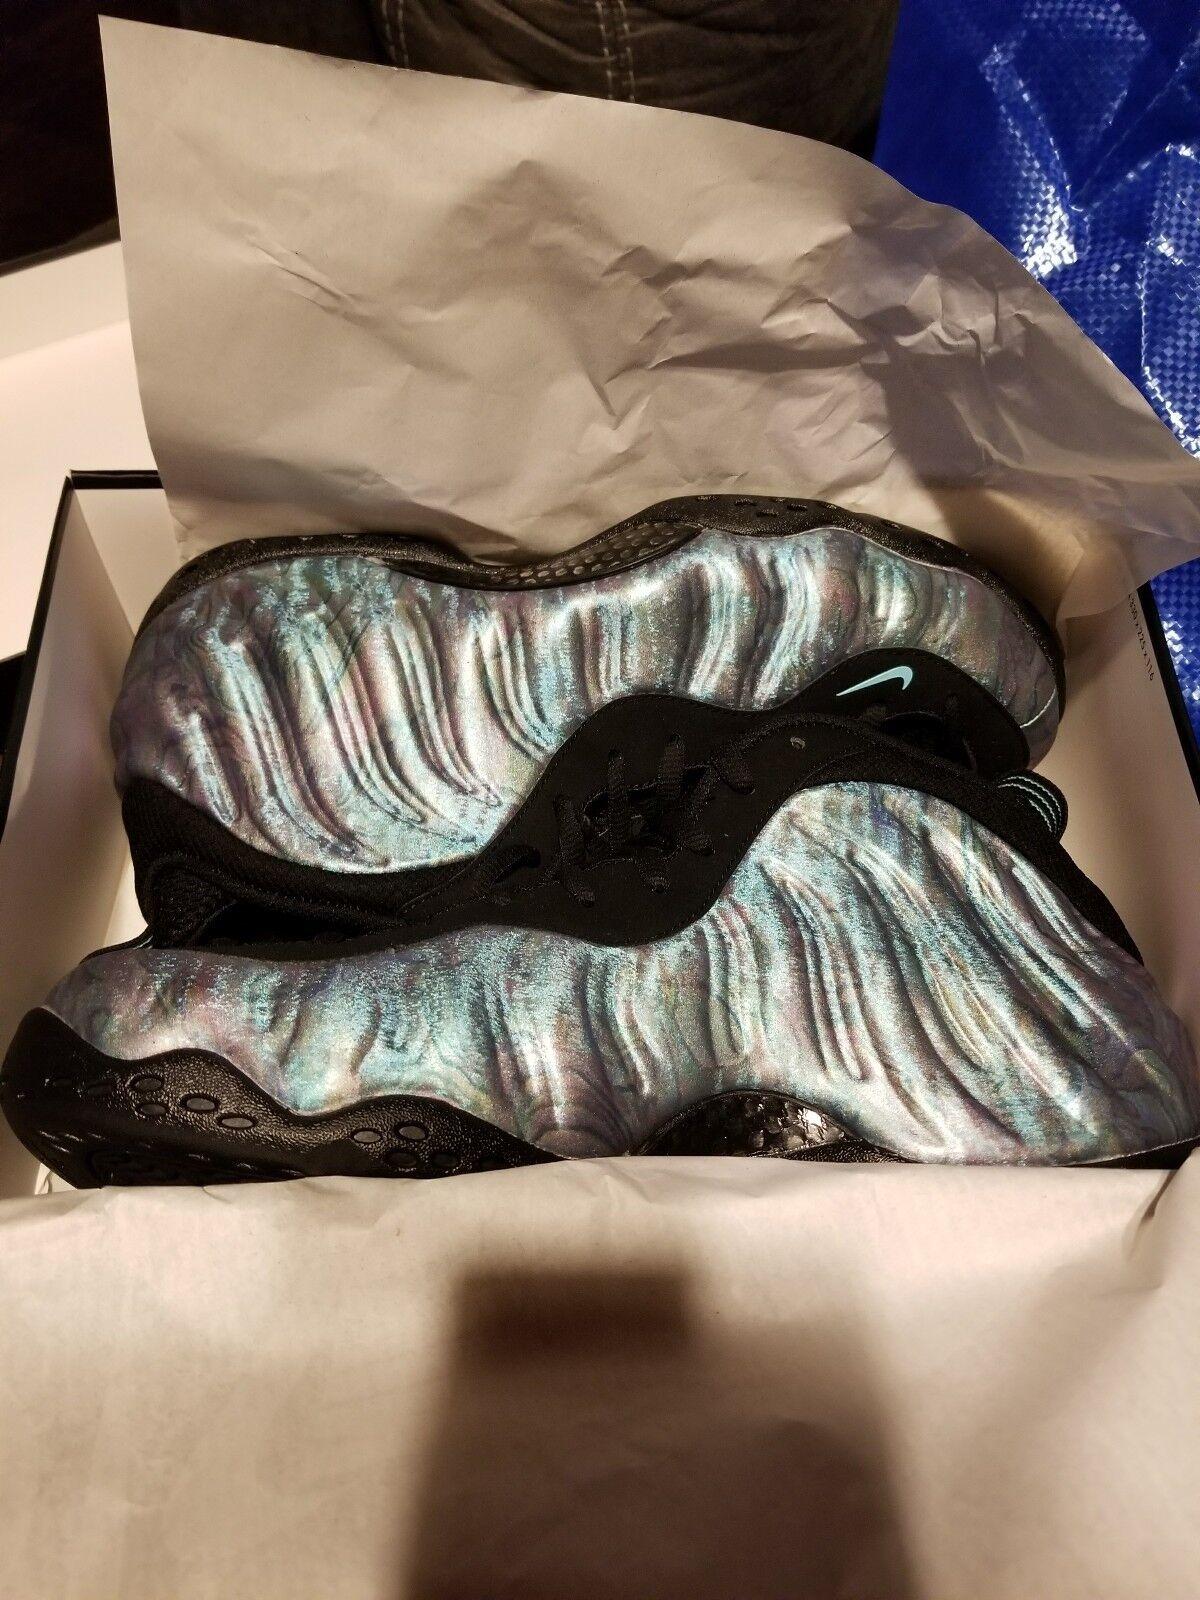 l'haliotide pmr pie noir nike air foamposite vert une pmr l'haliotide taille 12 10 / 10 de l'aurora n'a jamais porté 030f96